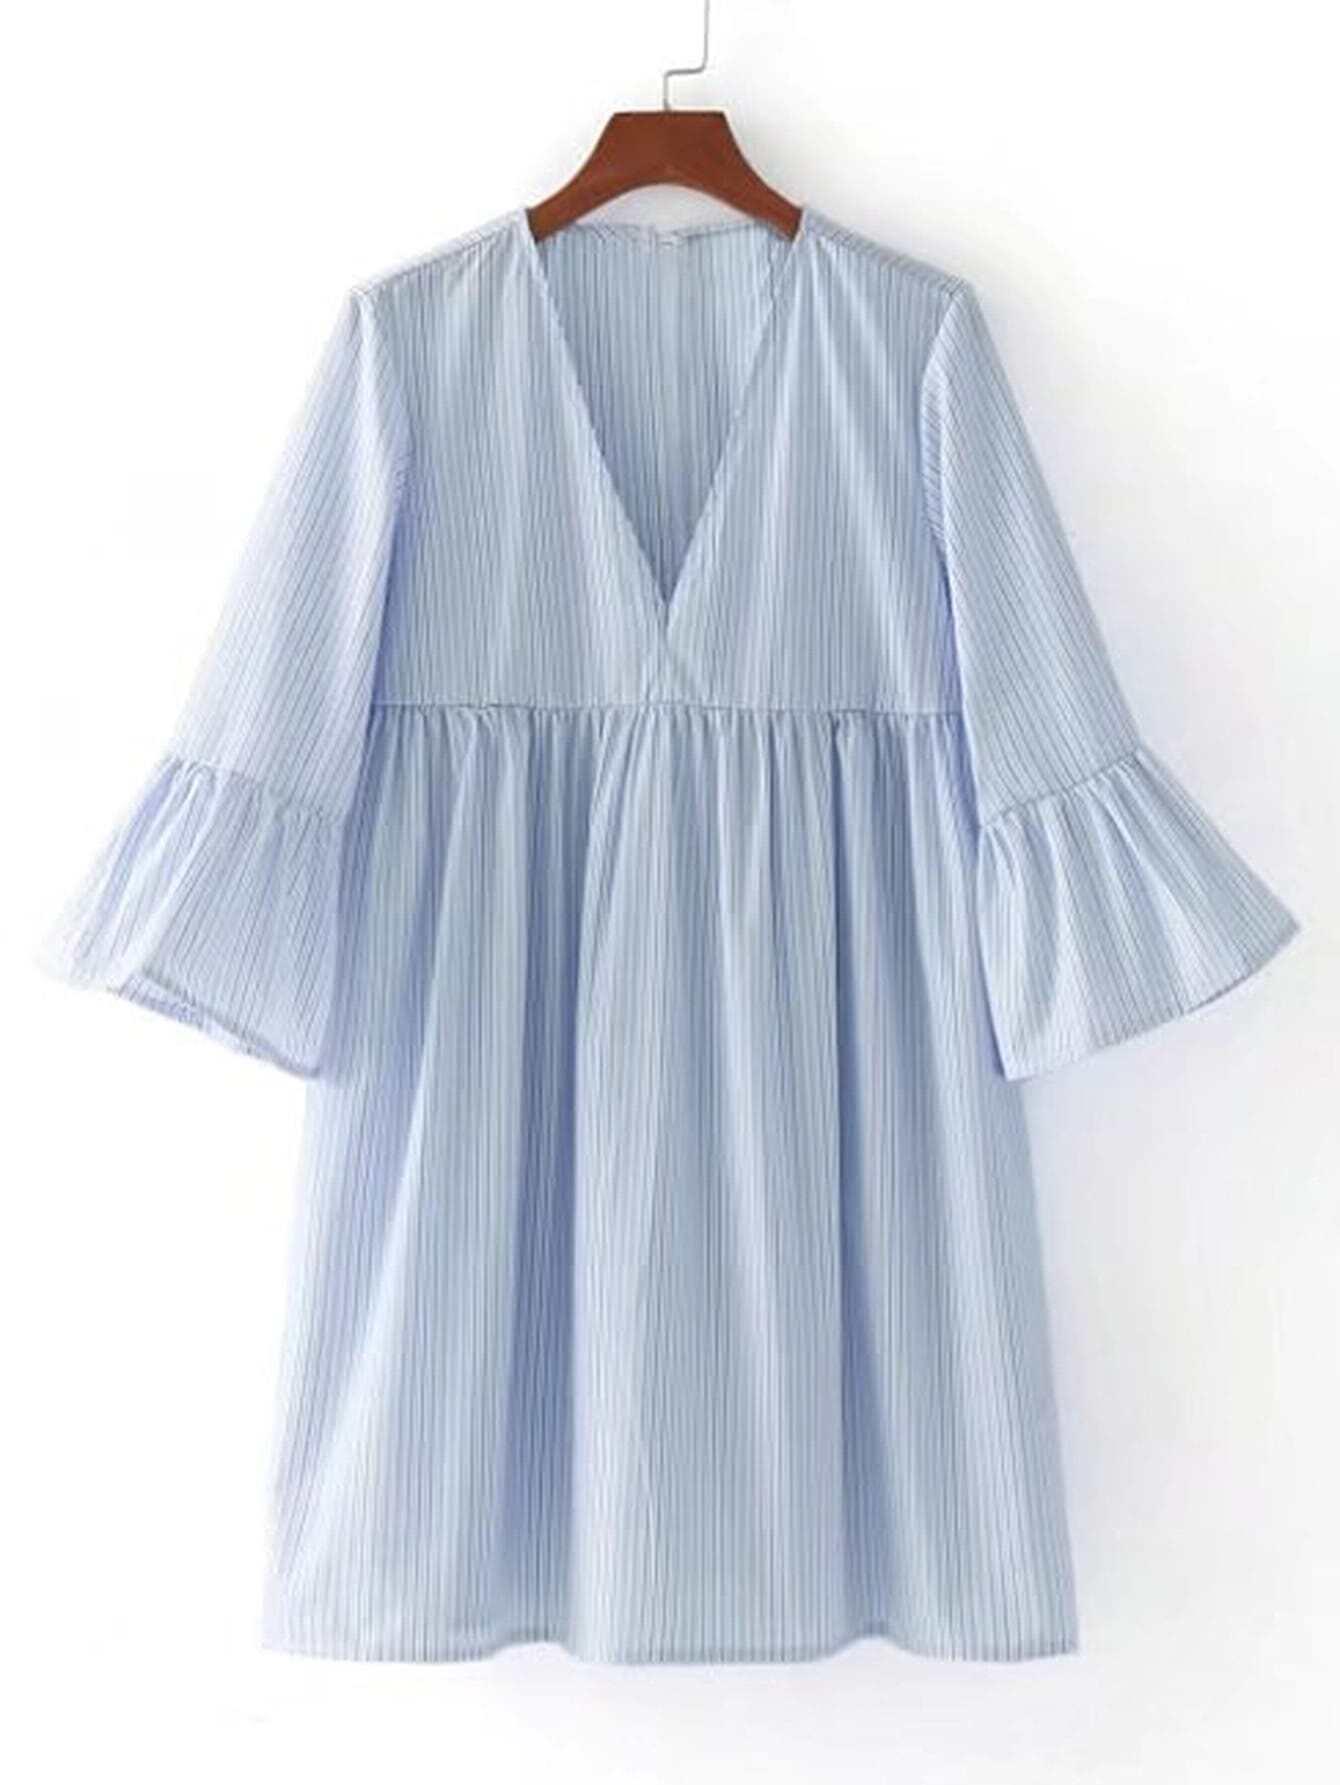 Bell Sleeve Vertical Striped Dress RDRE170616204